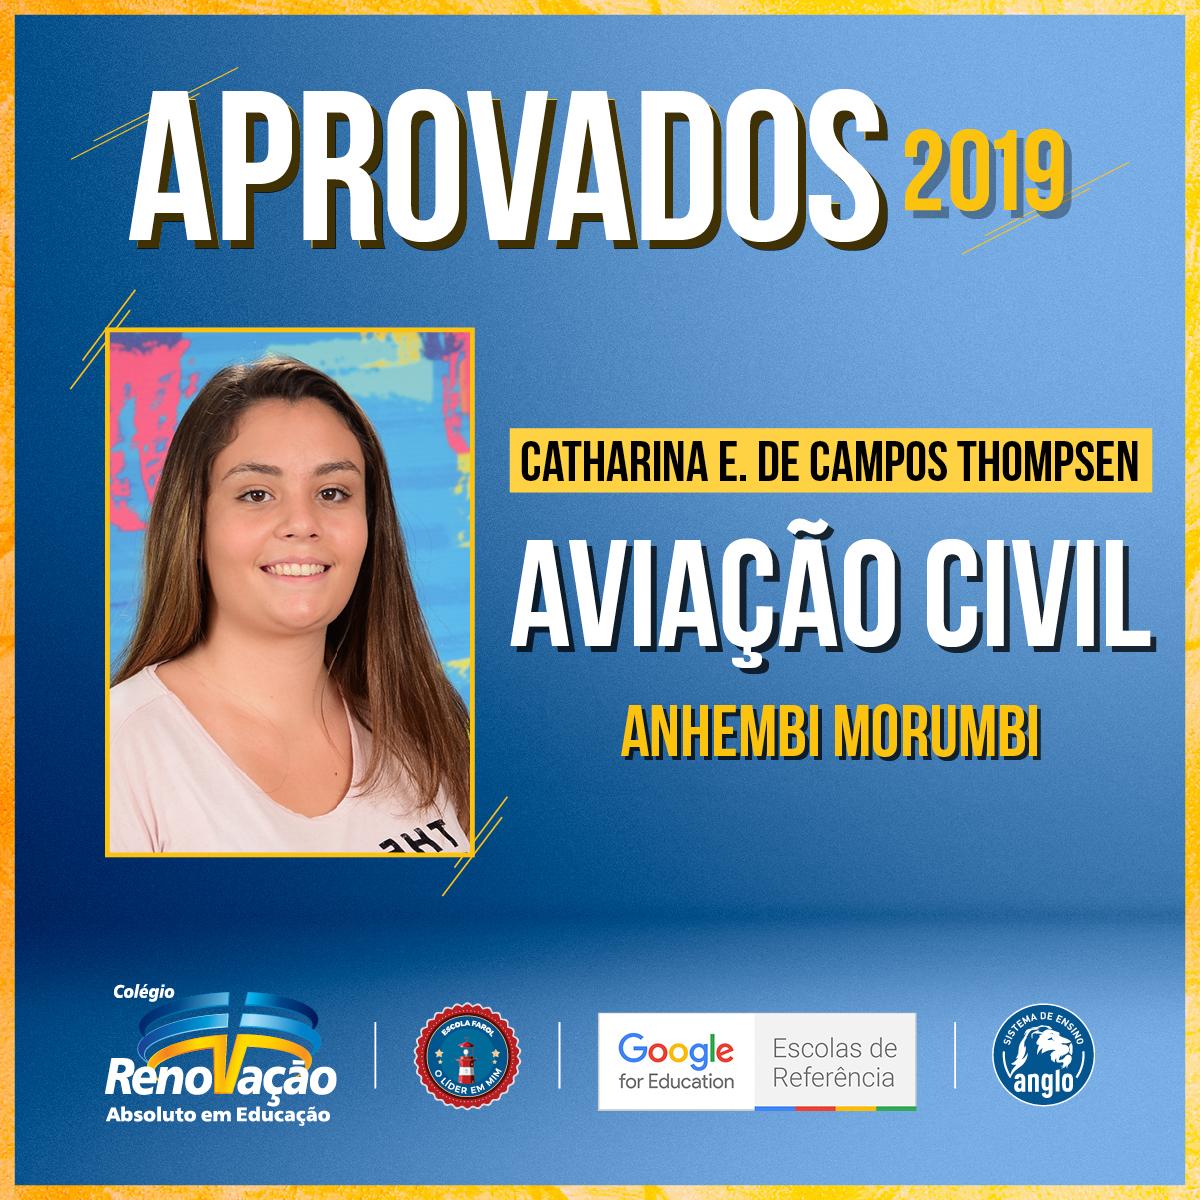 16992_Desdobramentos_Post_BannerAprovados2019_ColegioRenovacaoSP8